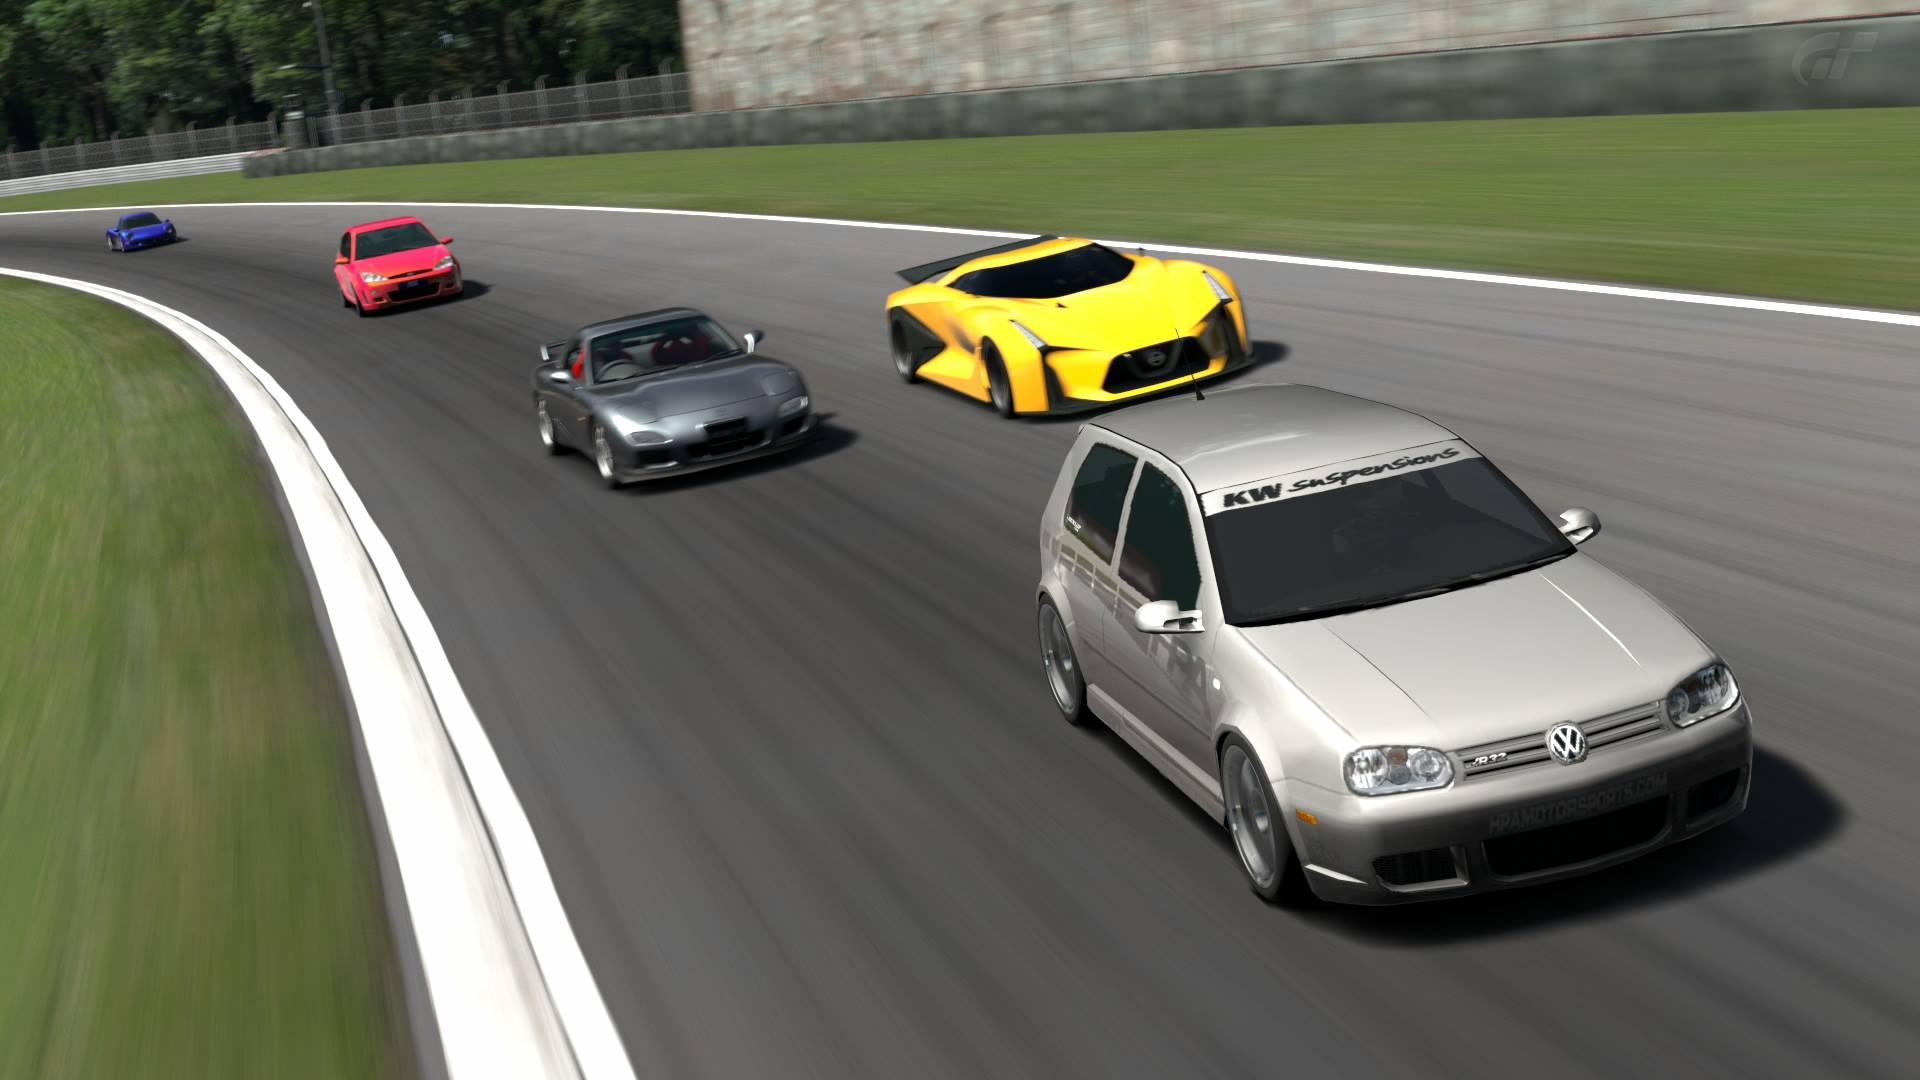 GT6MCR Autodromo Nazionale de Monza 80 2 bat 02082014 2.jpg